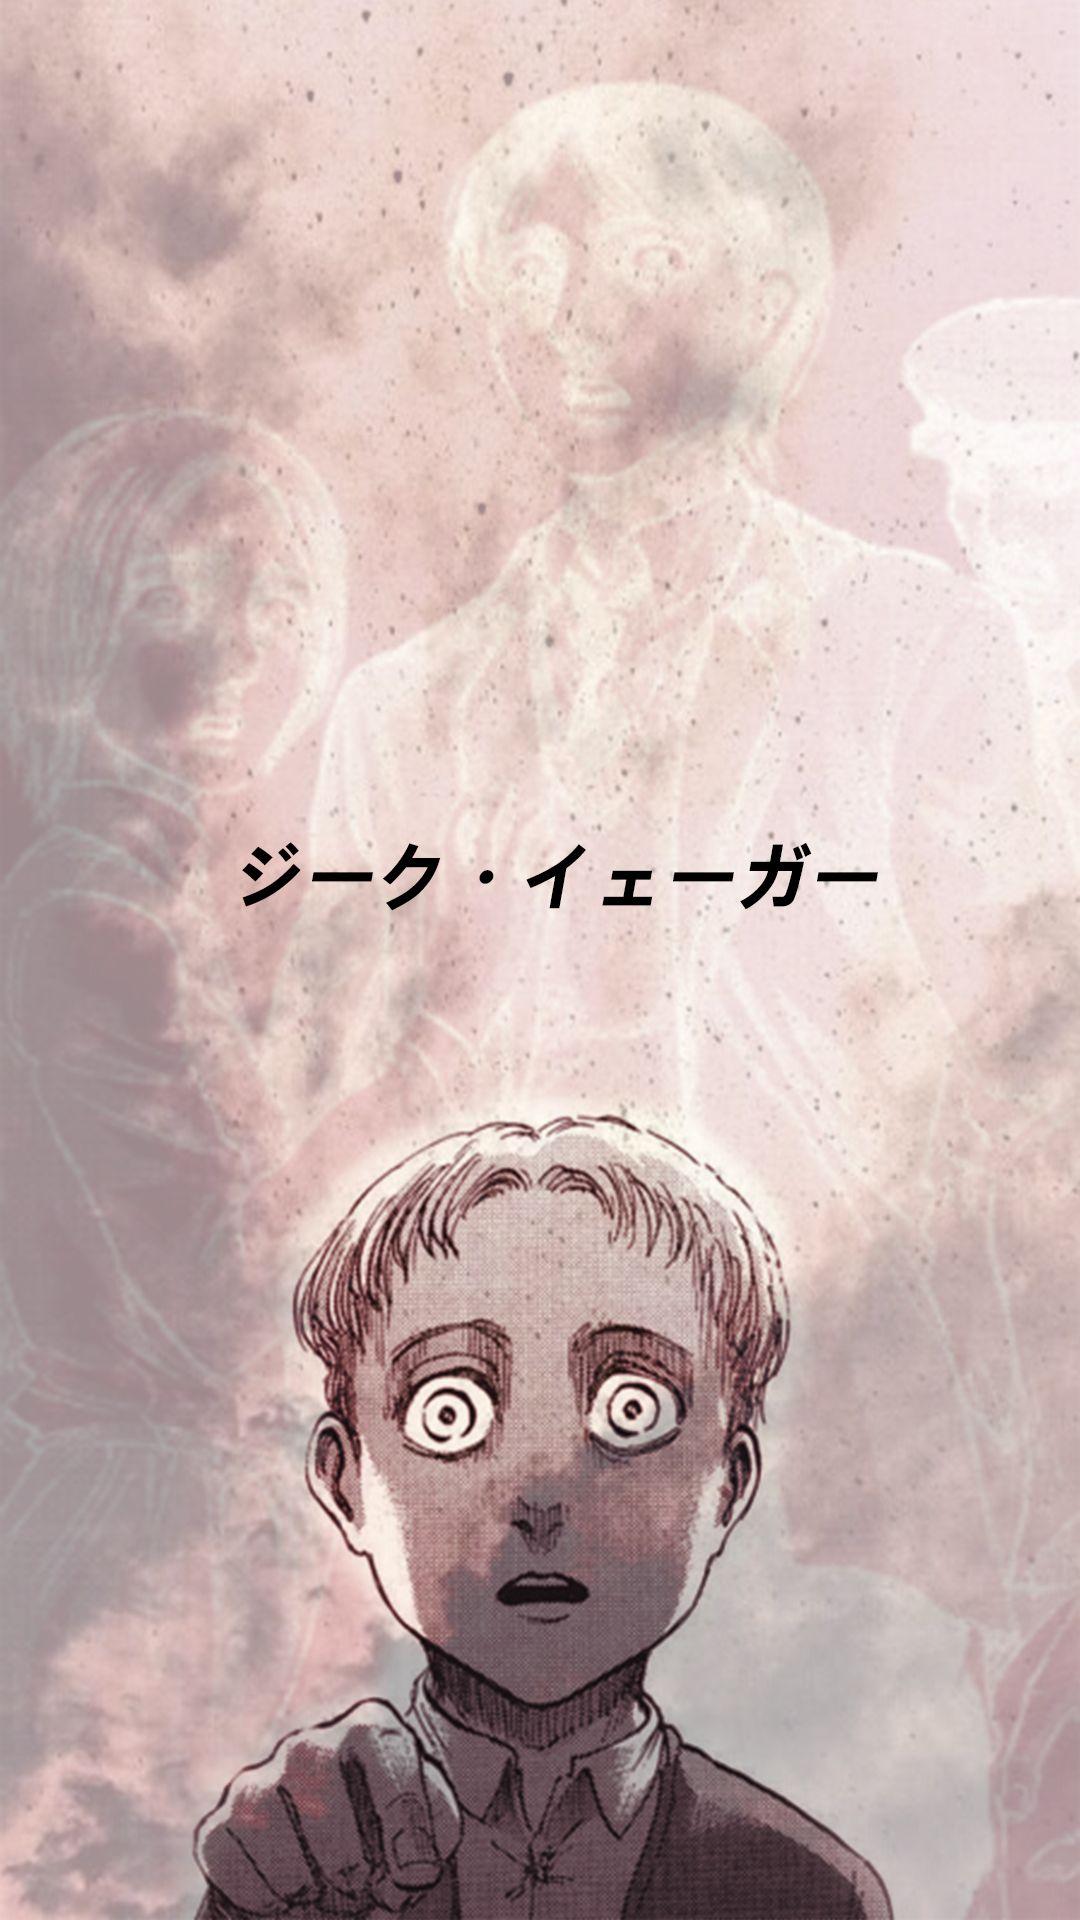 Wallpaper Zeke Jaeger Ã'¸ãƒ¼ã'¯ Ã'¤ã'§ãƒ¼ã'¬ãƒ¼ Shingekinokyojin Attackontitan Snk Zeke Zekejaeger Ã'¸ãƒ¼ã'¯ã'¤ã'§ãƒ¼ã'¬ãƒ¼ Grisha Attack On Titan Art Anime Attack On Titan